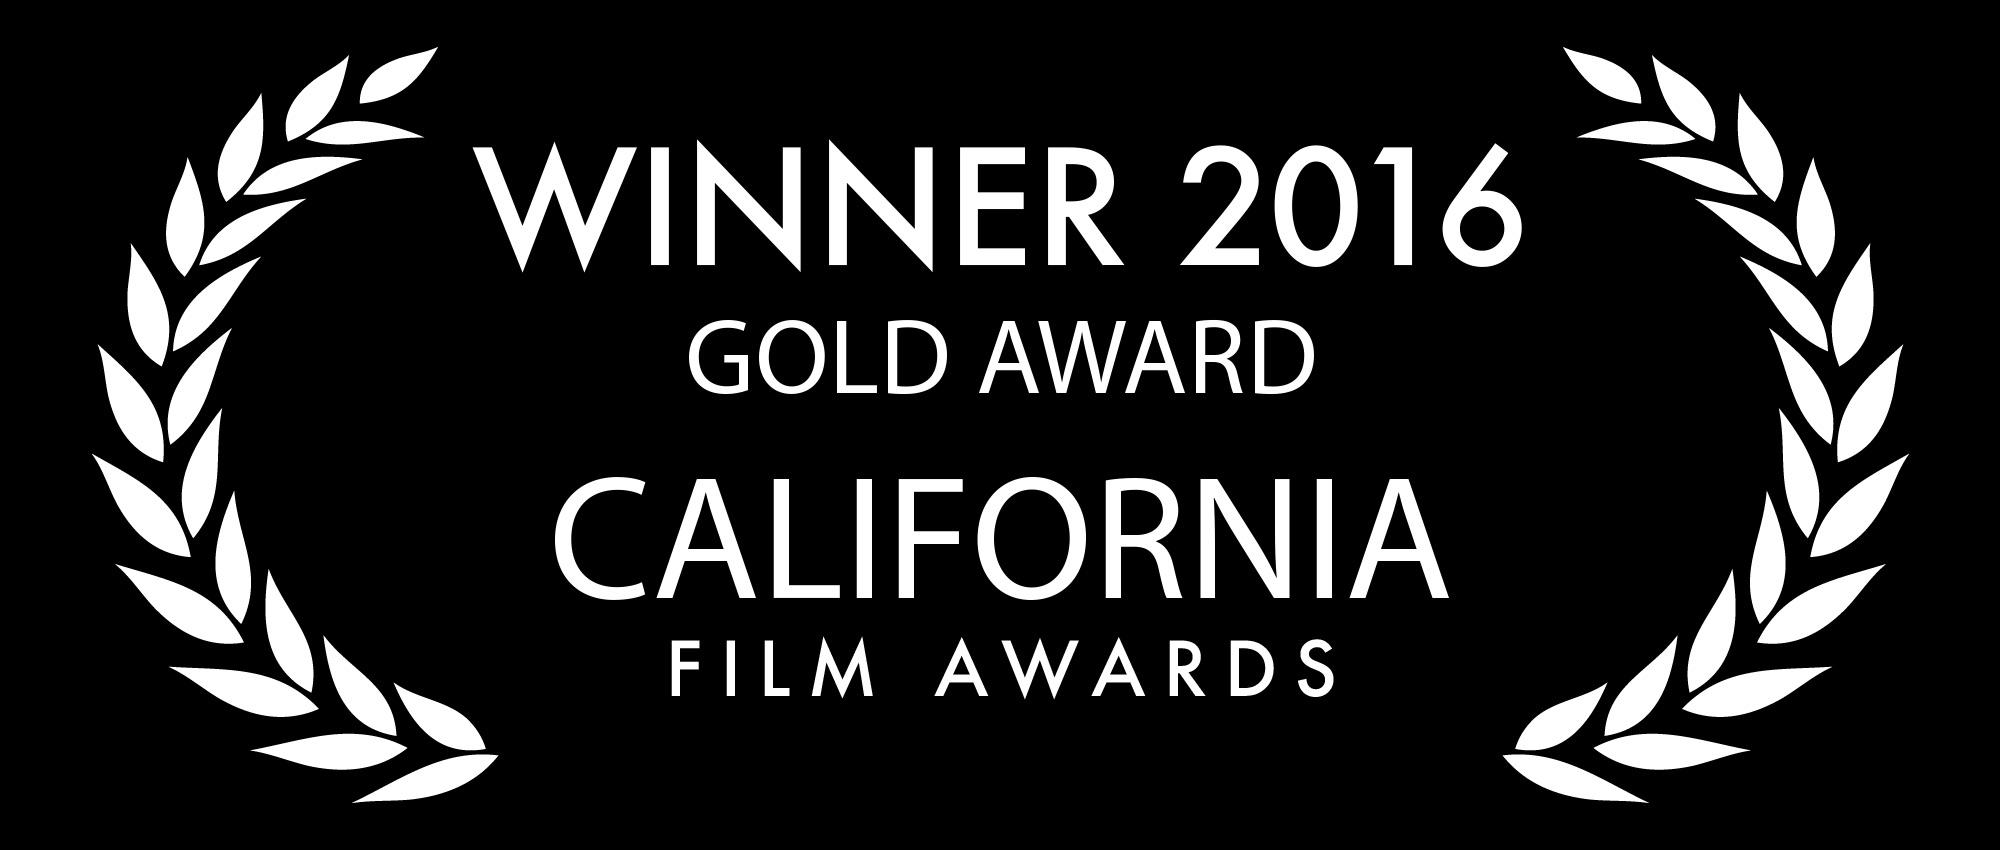 2016 GOLD AWARD